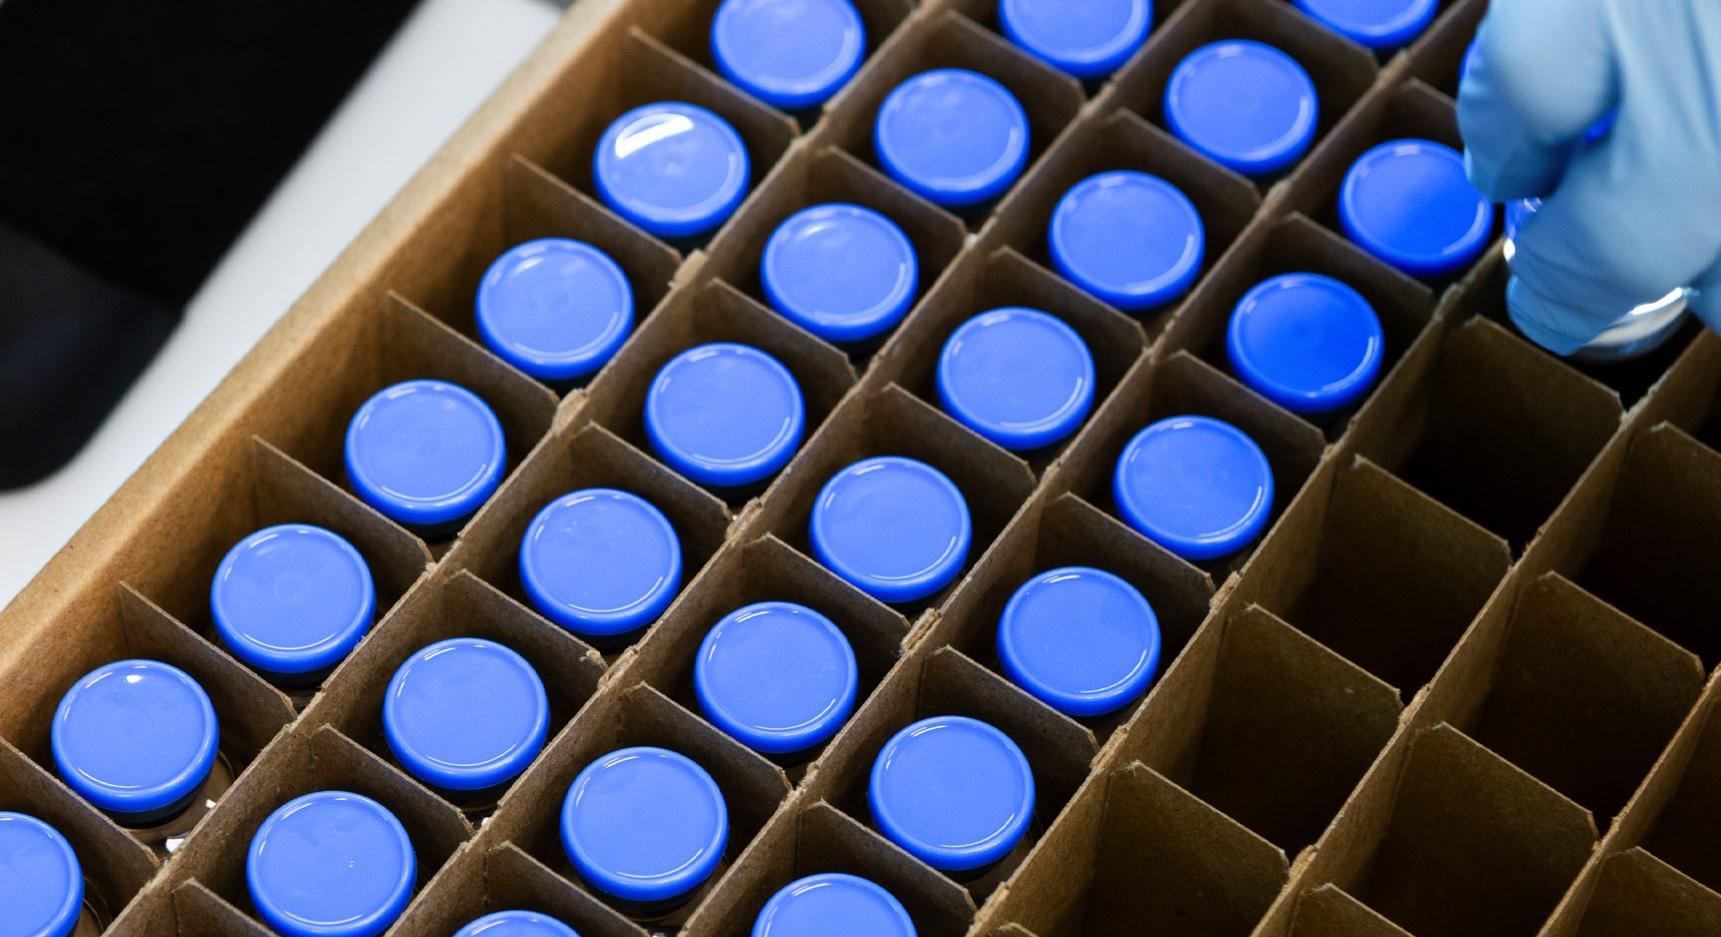 Comisia Europeană negociază un stoc de Remdesivir. 92% din producția pe următoarele 3 luni, la SUA